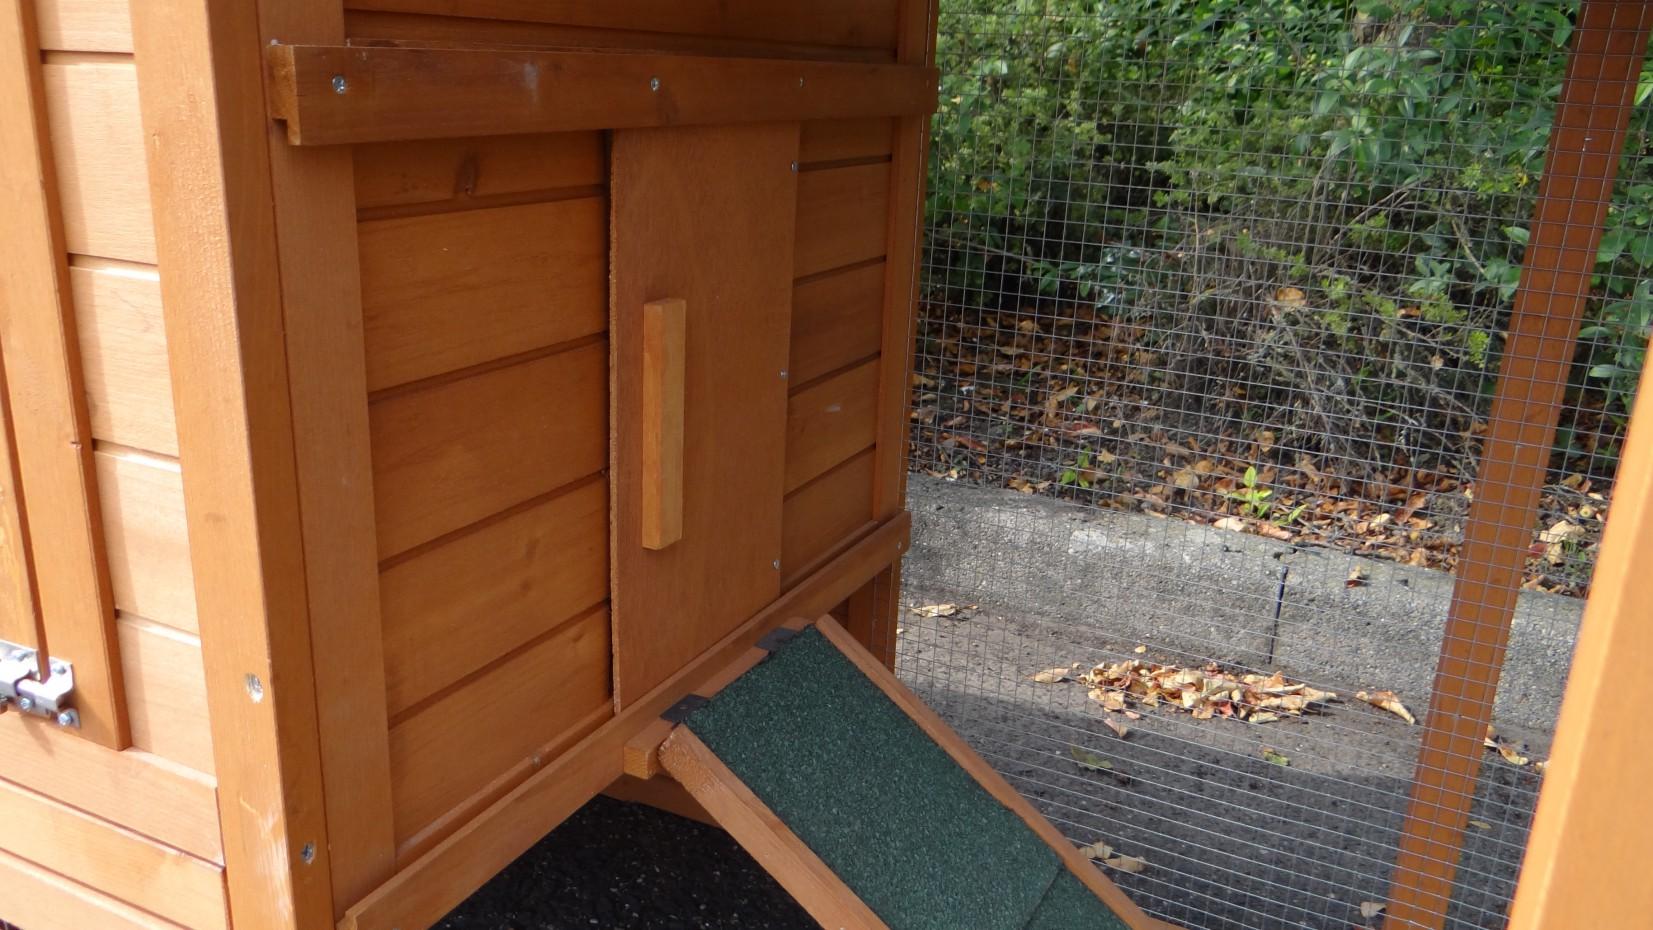 Kaninchenstall Budget Mit Kunststoff Dach 136x64x87